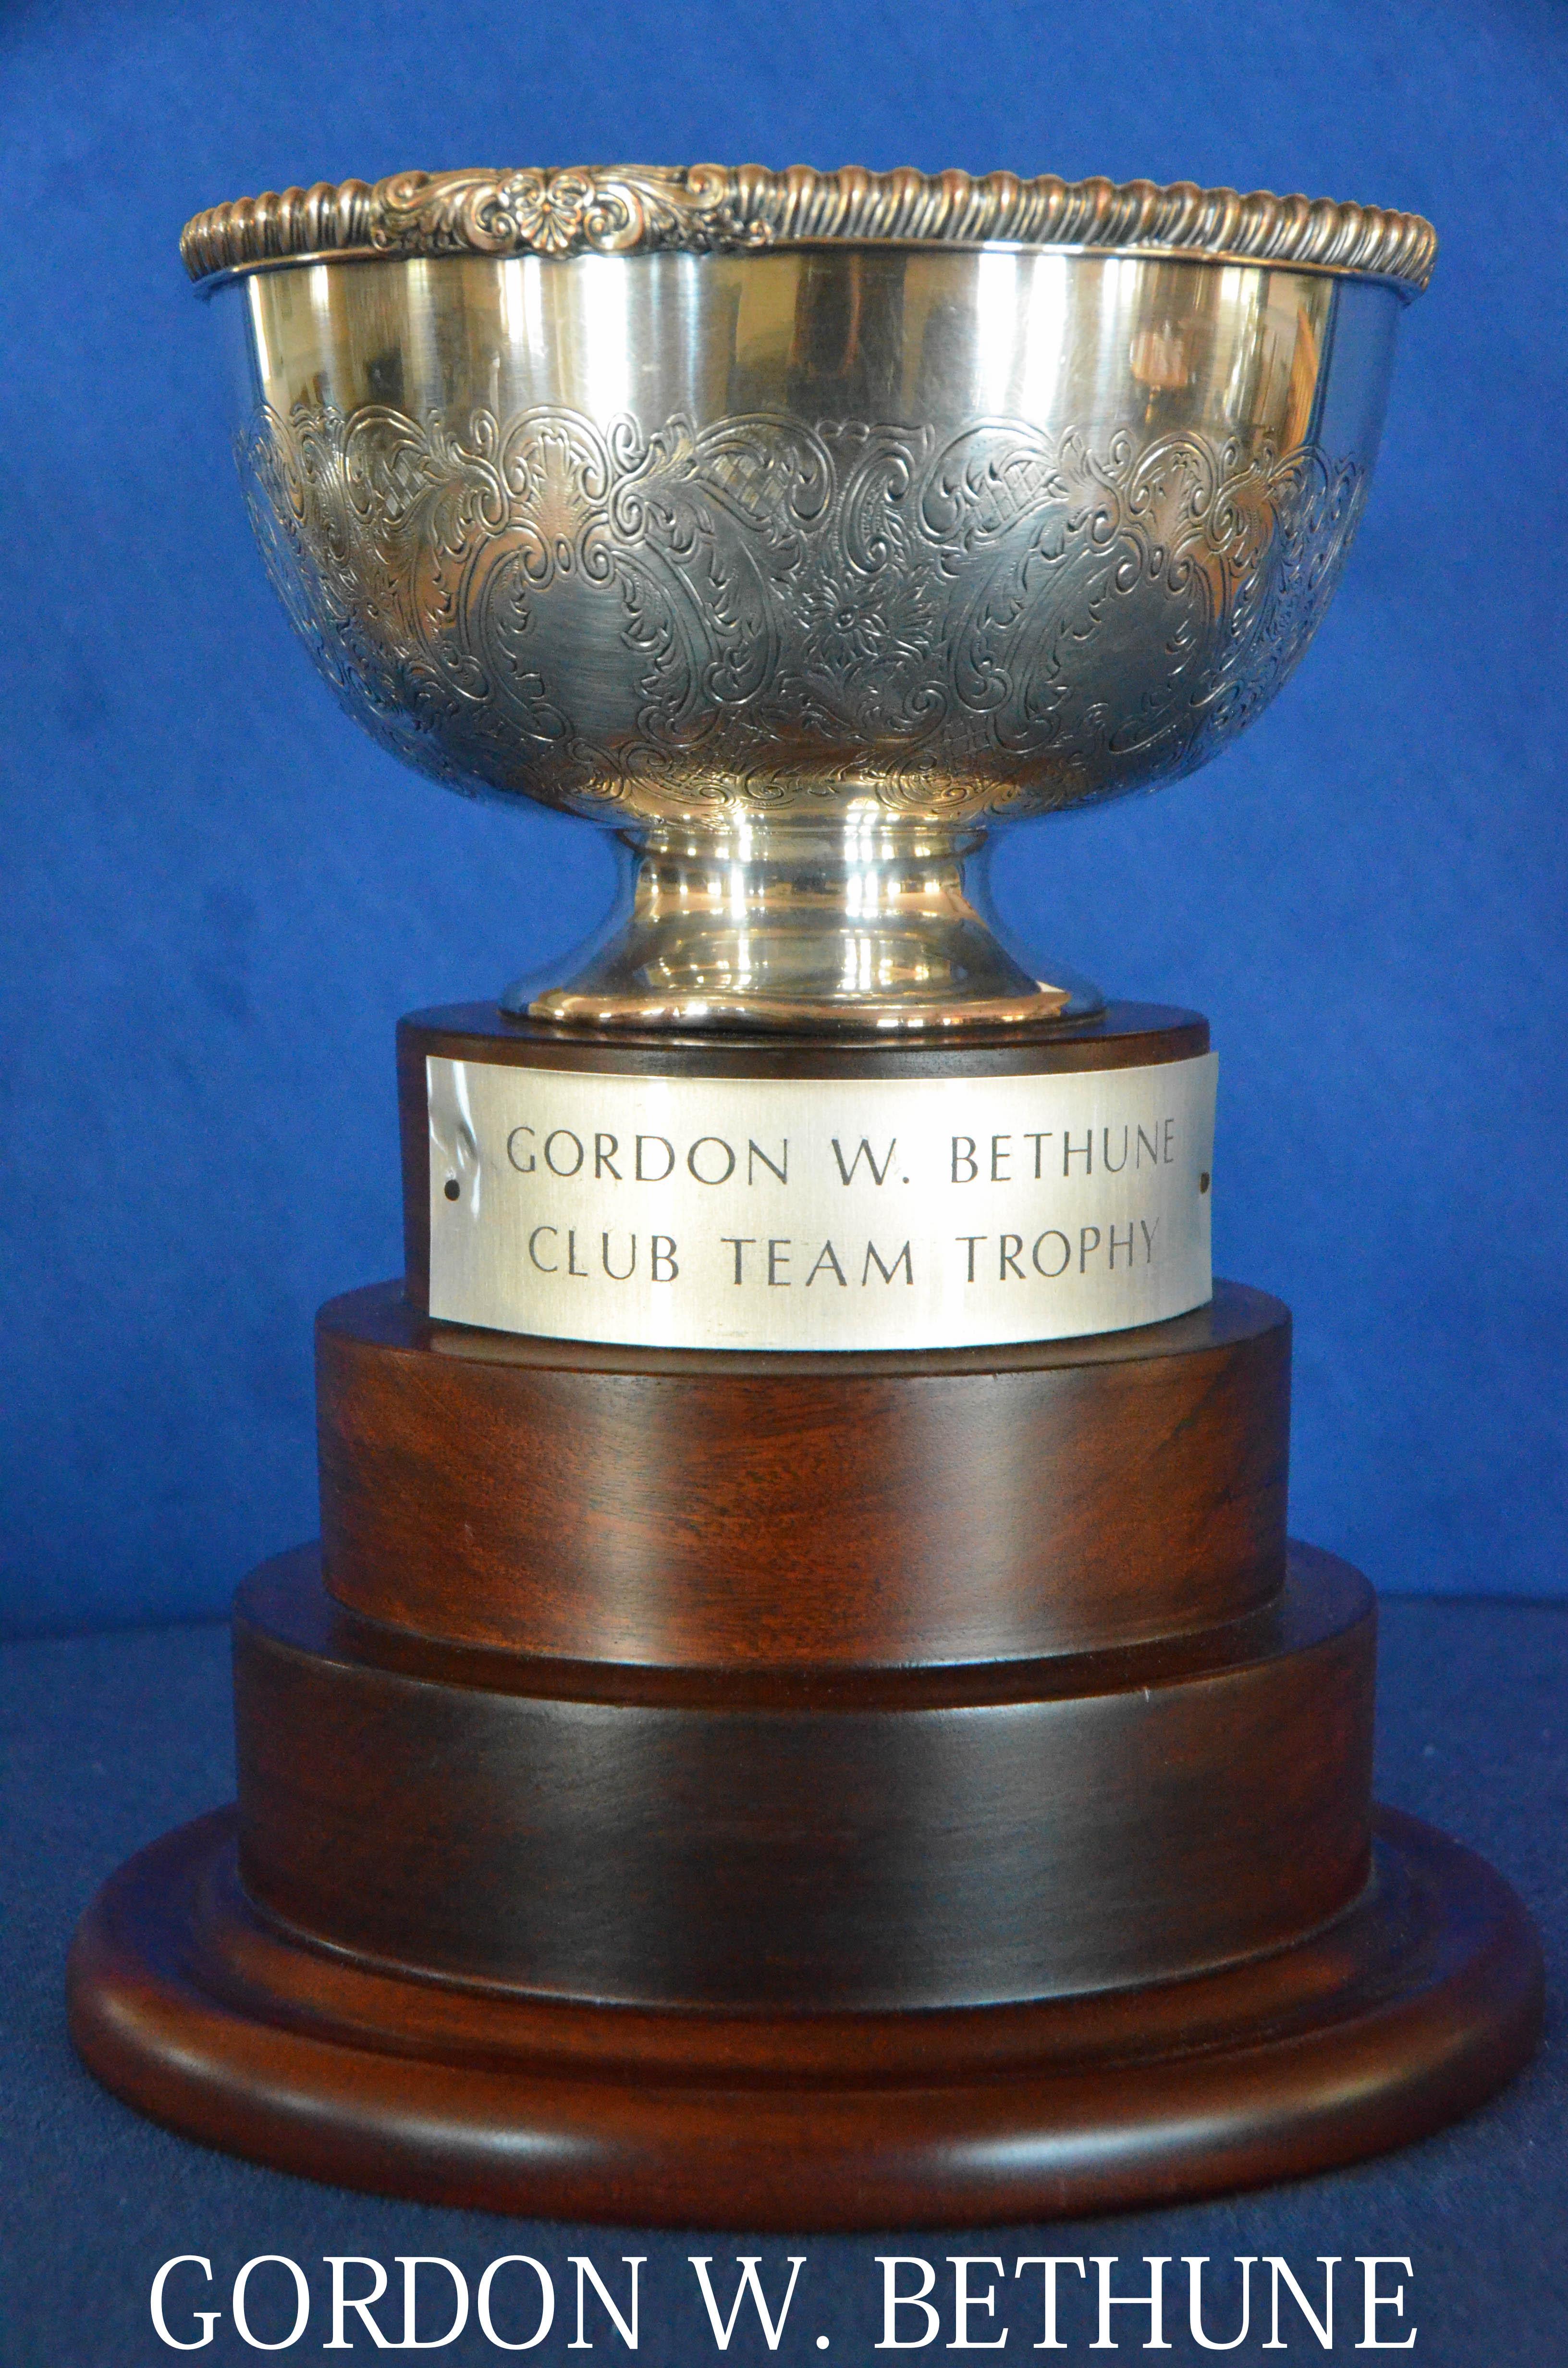 Gordon W. Bethune Team Trophy